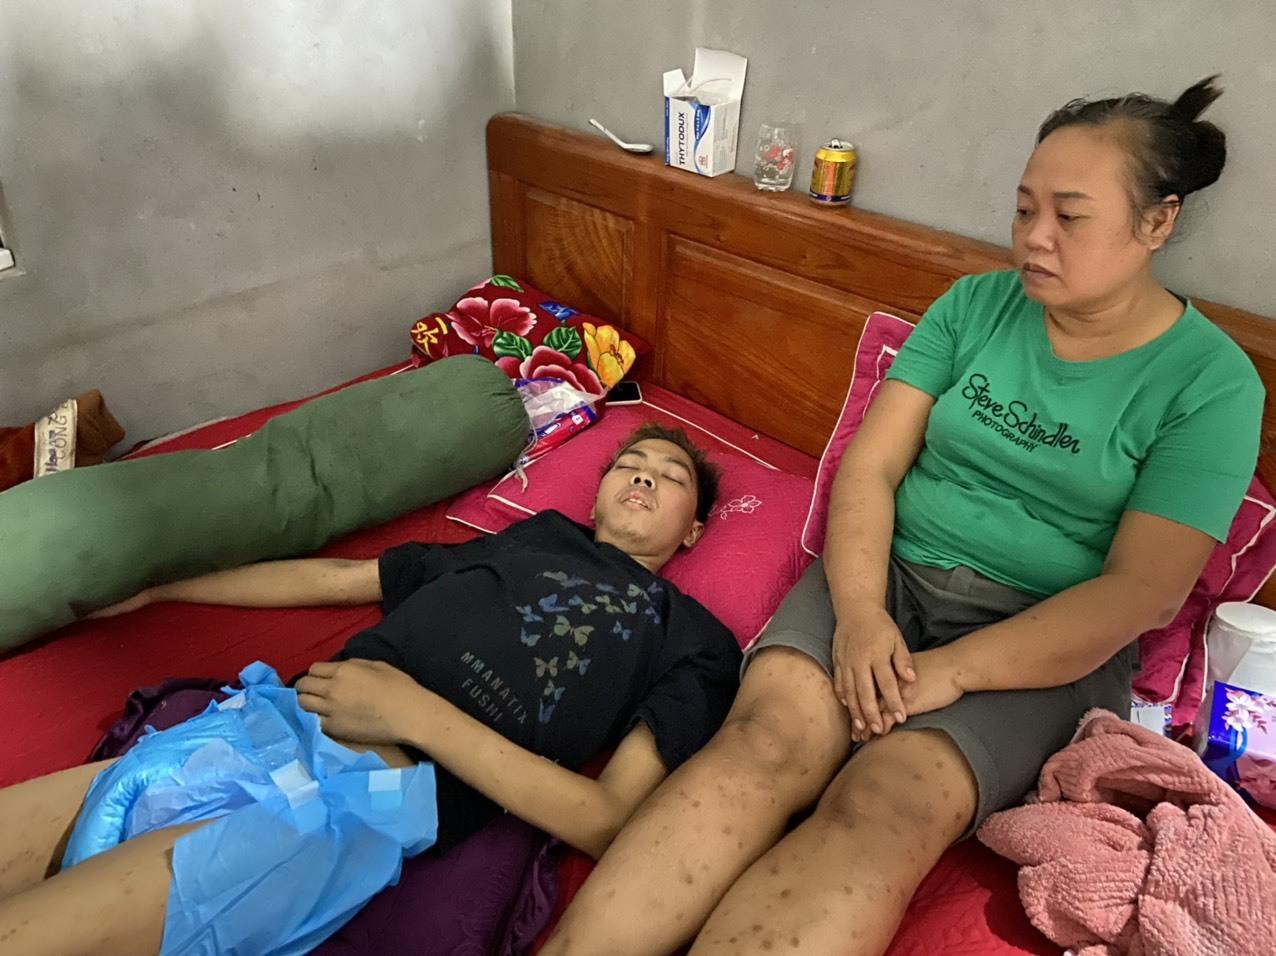 Bán sạch nhà cửa, mẹ bất lực níu giữ tính mạng con trai mắc bệnh hiểm nghèo